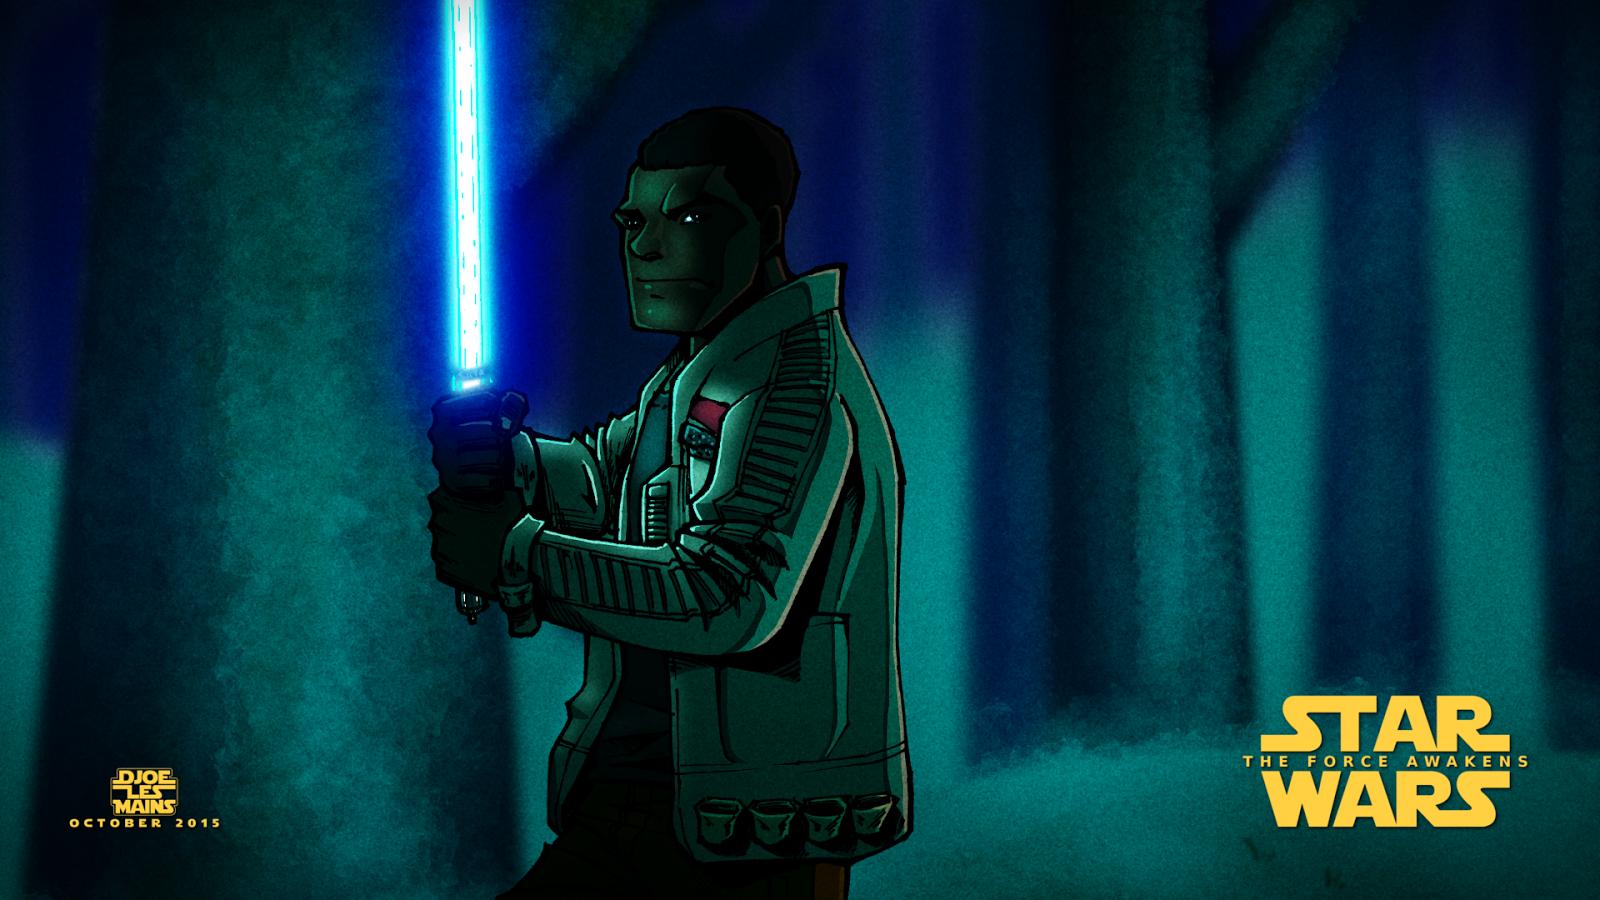 Fond dcran Star wars Le Rveil De La Force   Wallpaper Star Wars 1600x900